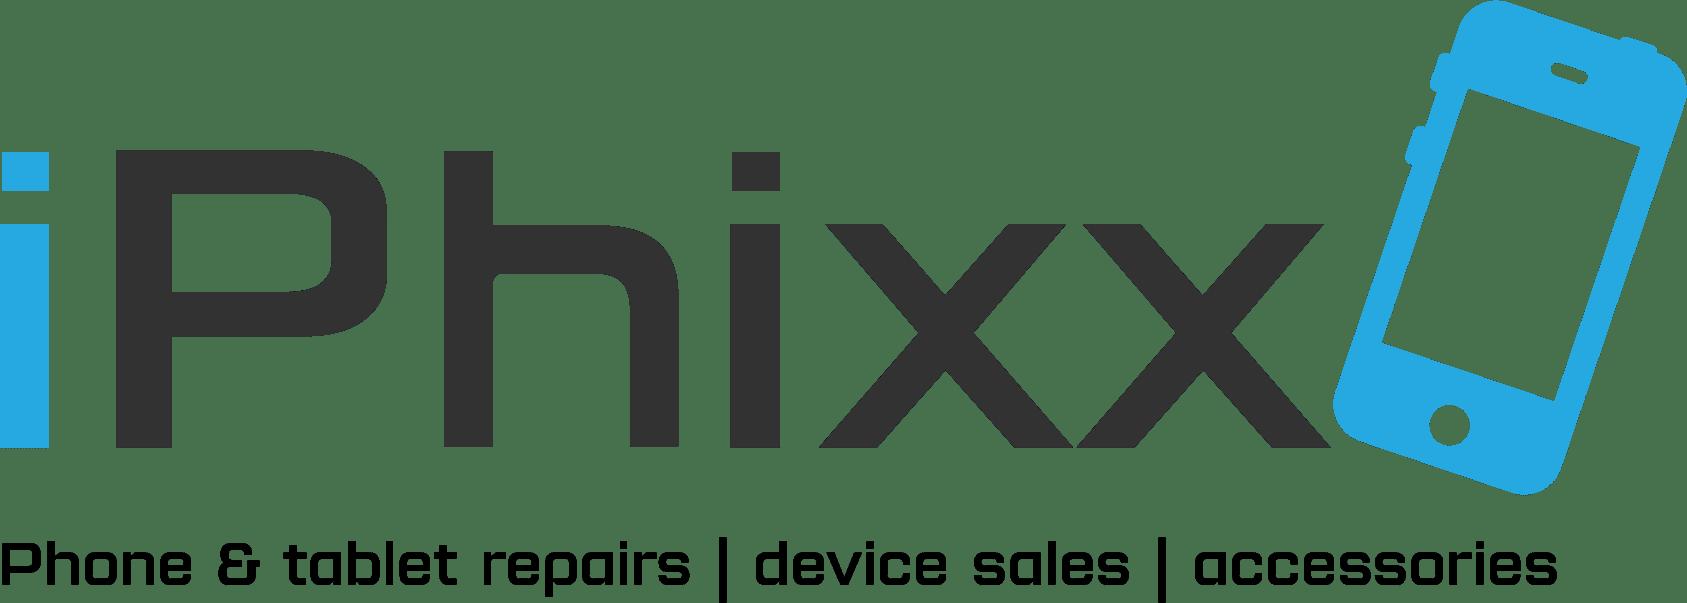 iPhixx_200519